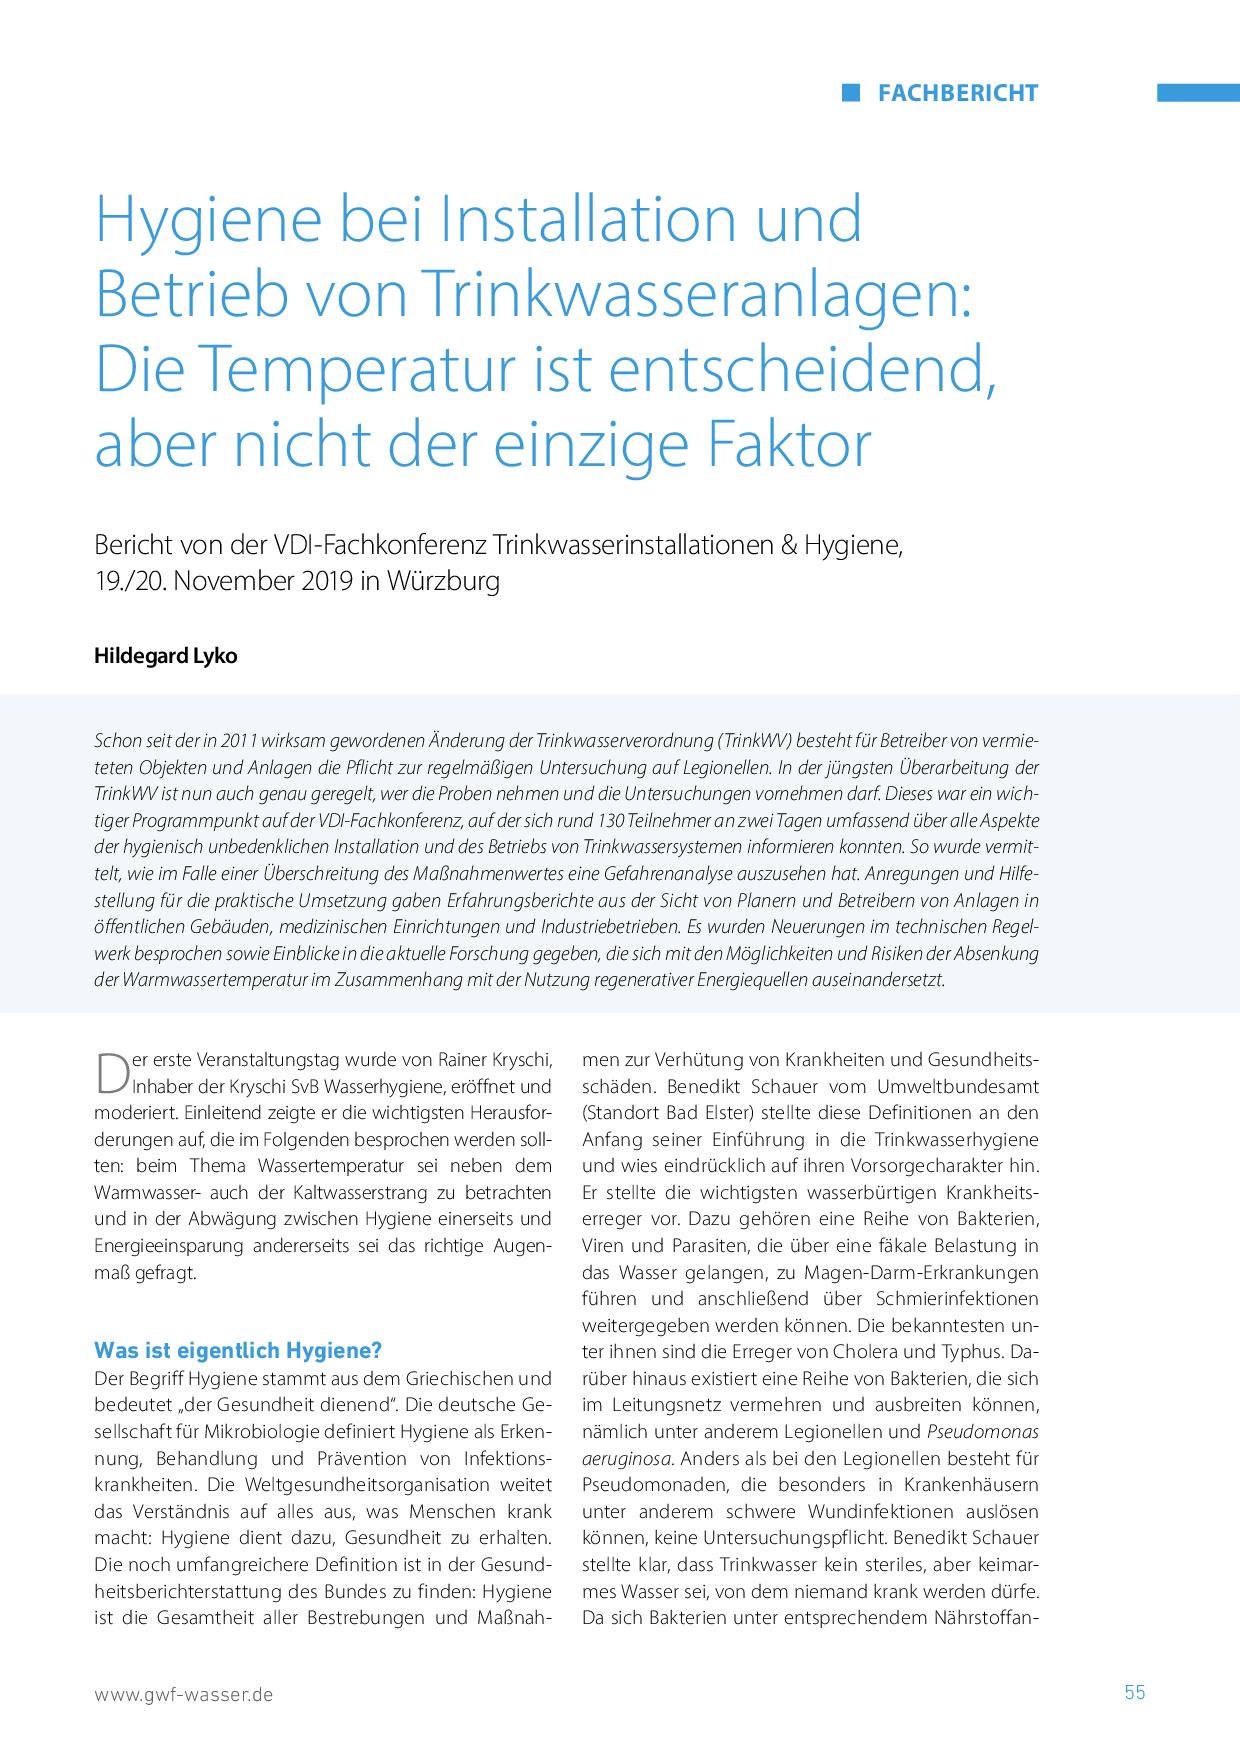 Hygiene bei Installation und Betrieb von Trinkwasseranlagen: Die Temperatur ist entscheidend, aber nicht der einzige Faktor